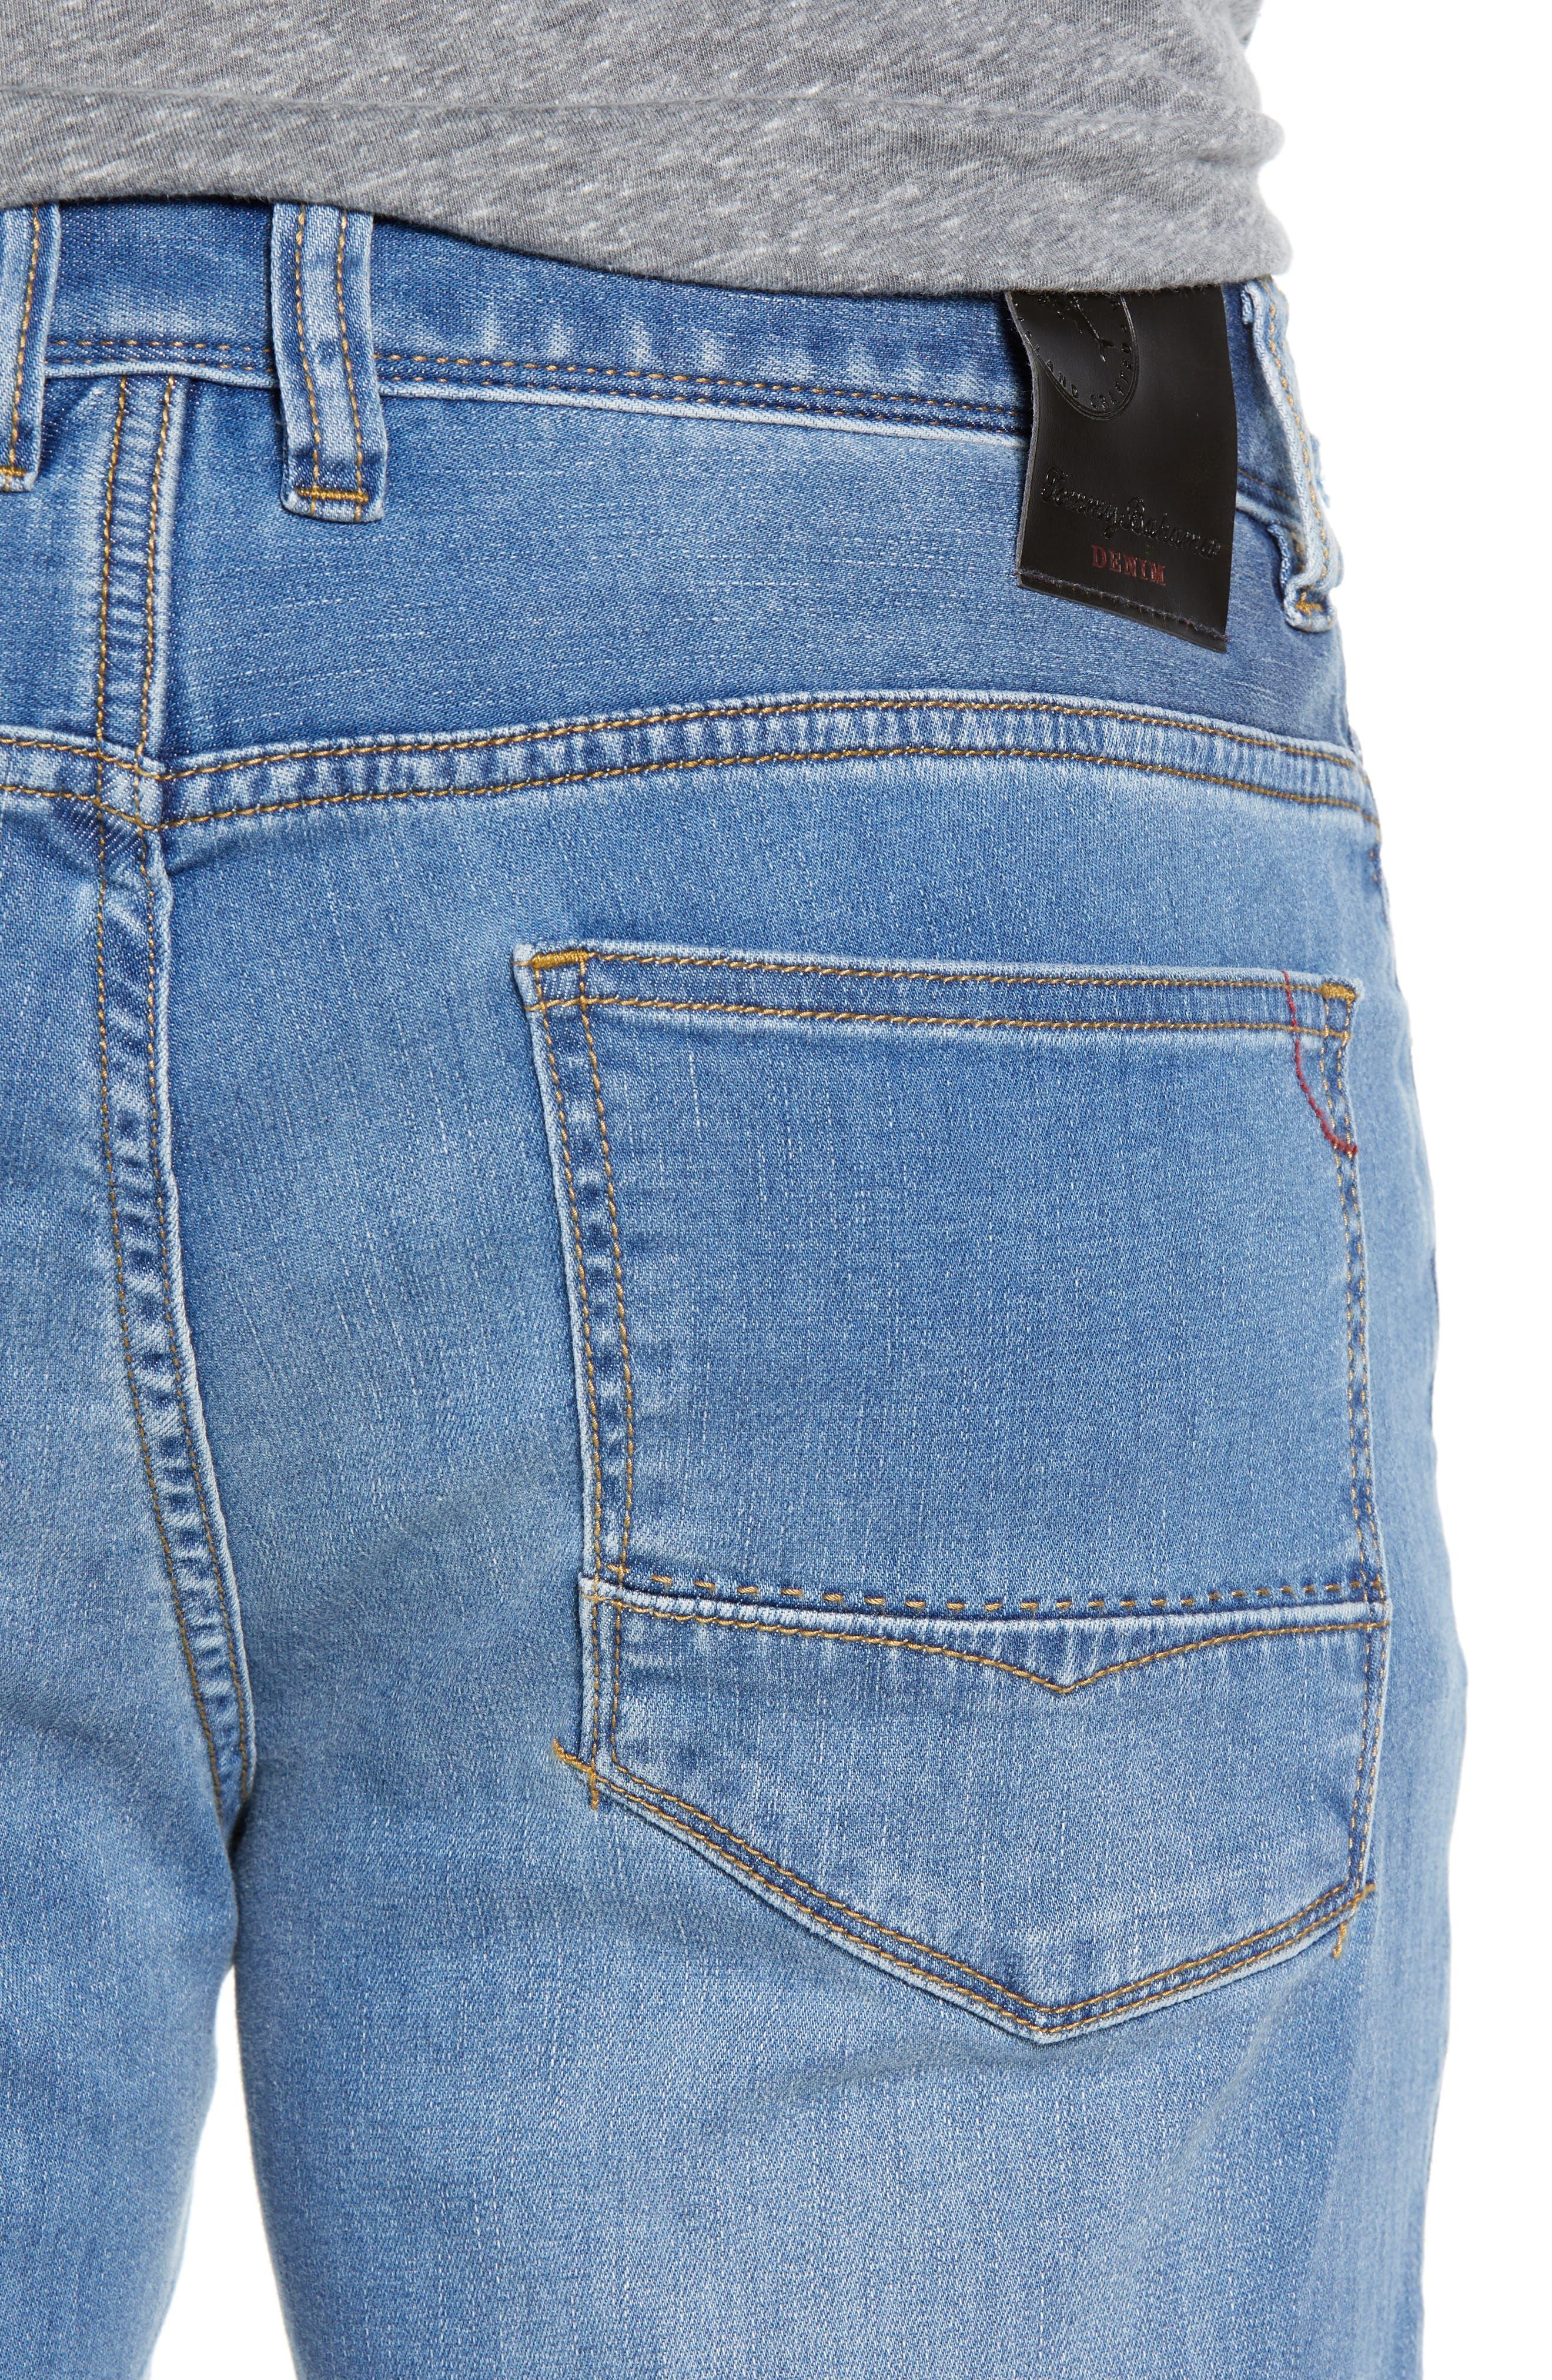 Costa Rica Vintage Regular Fit Jeans,                             Alternate thumbnail 4, color,                             MED WASH